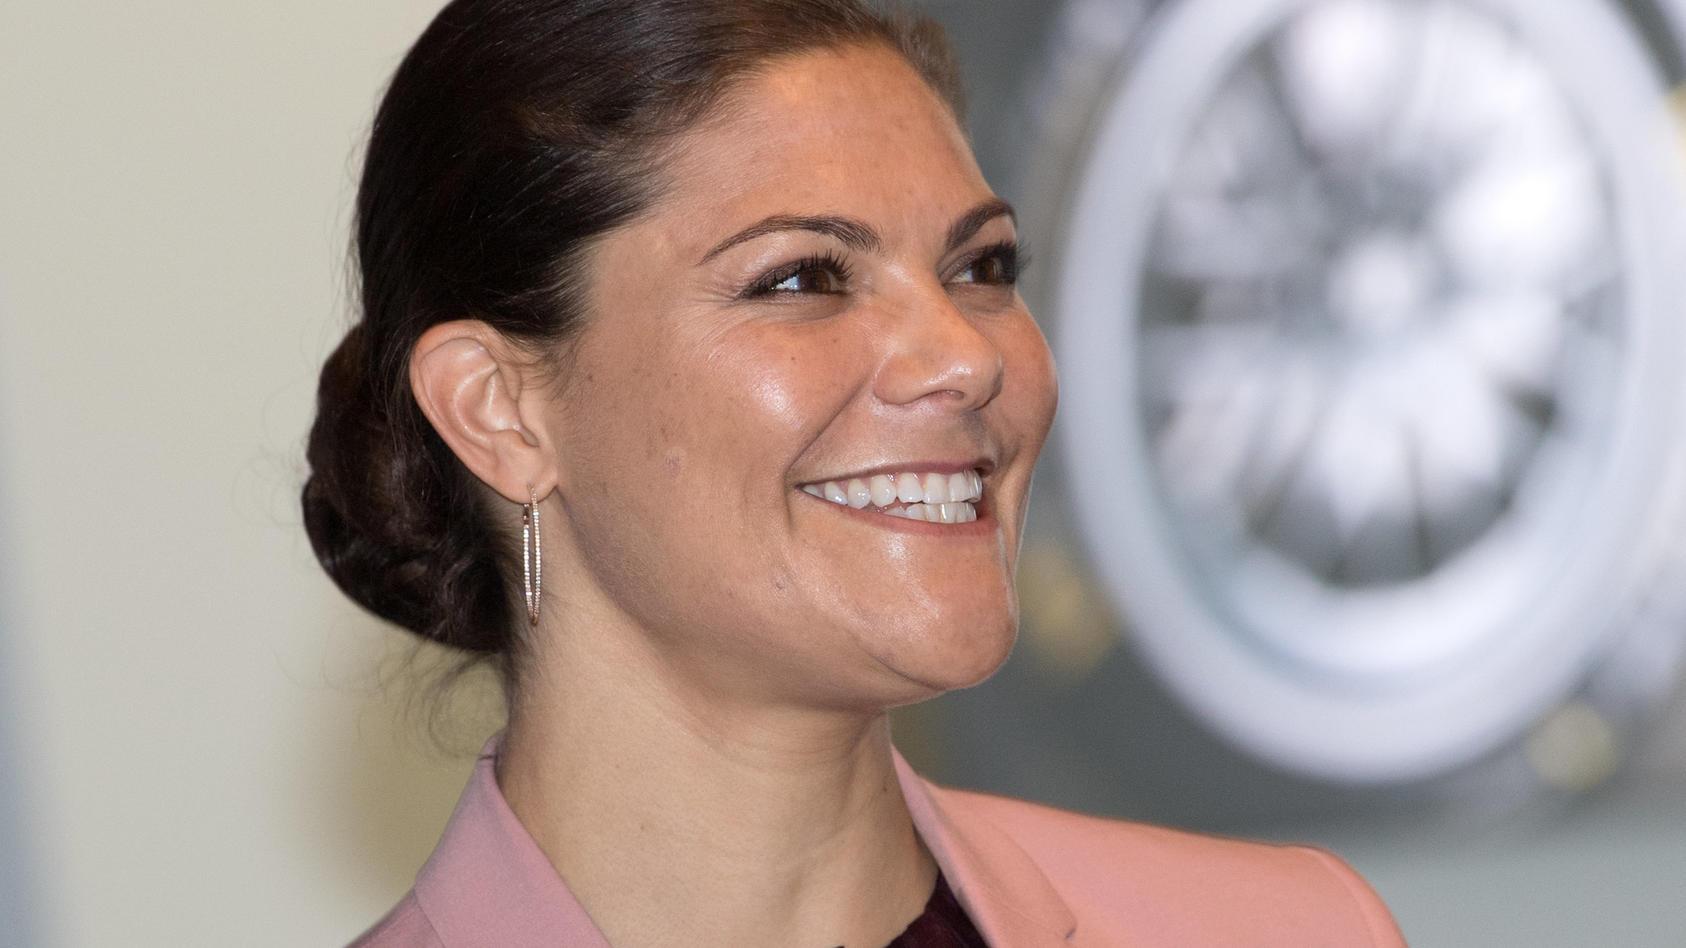 Kronprinzessin Victoria wird ihren Geburtstag traditionell auf Schloss Solliden verbringen.